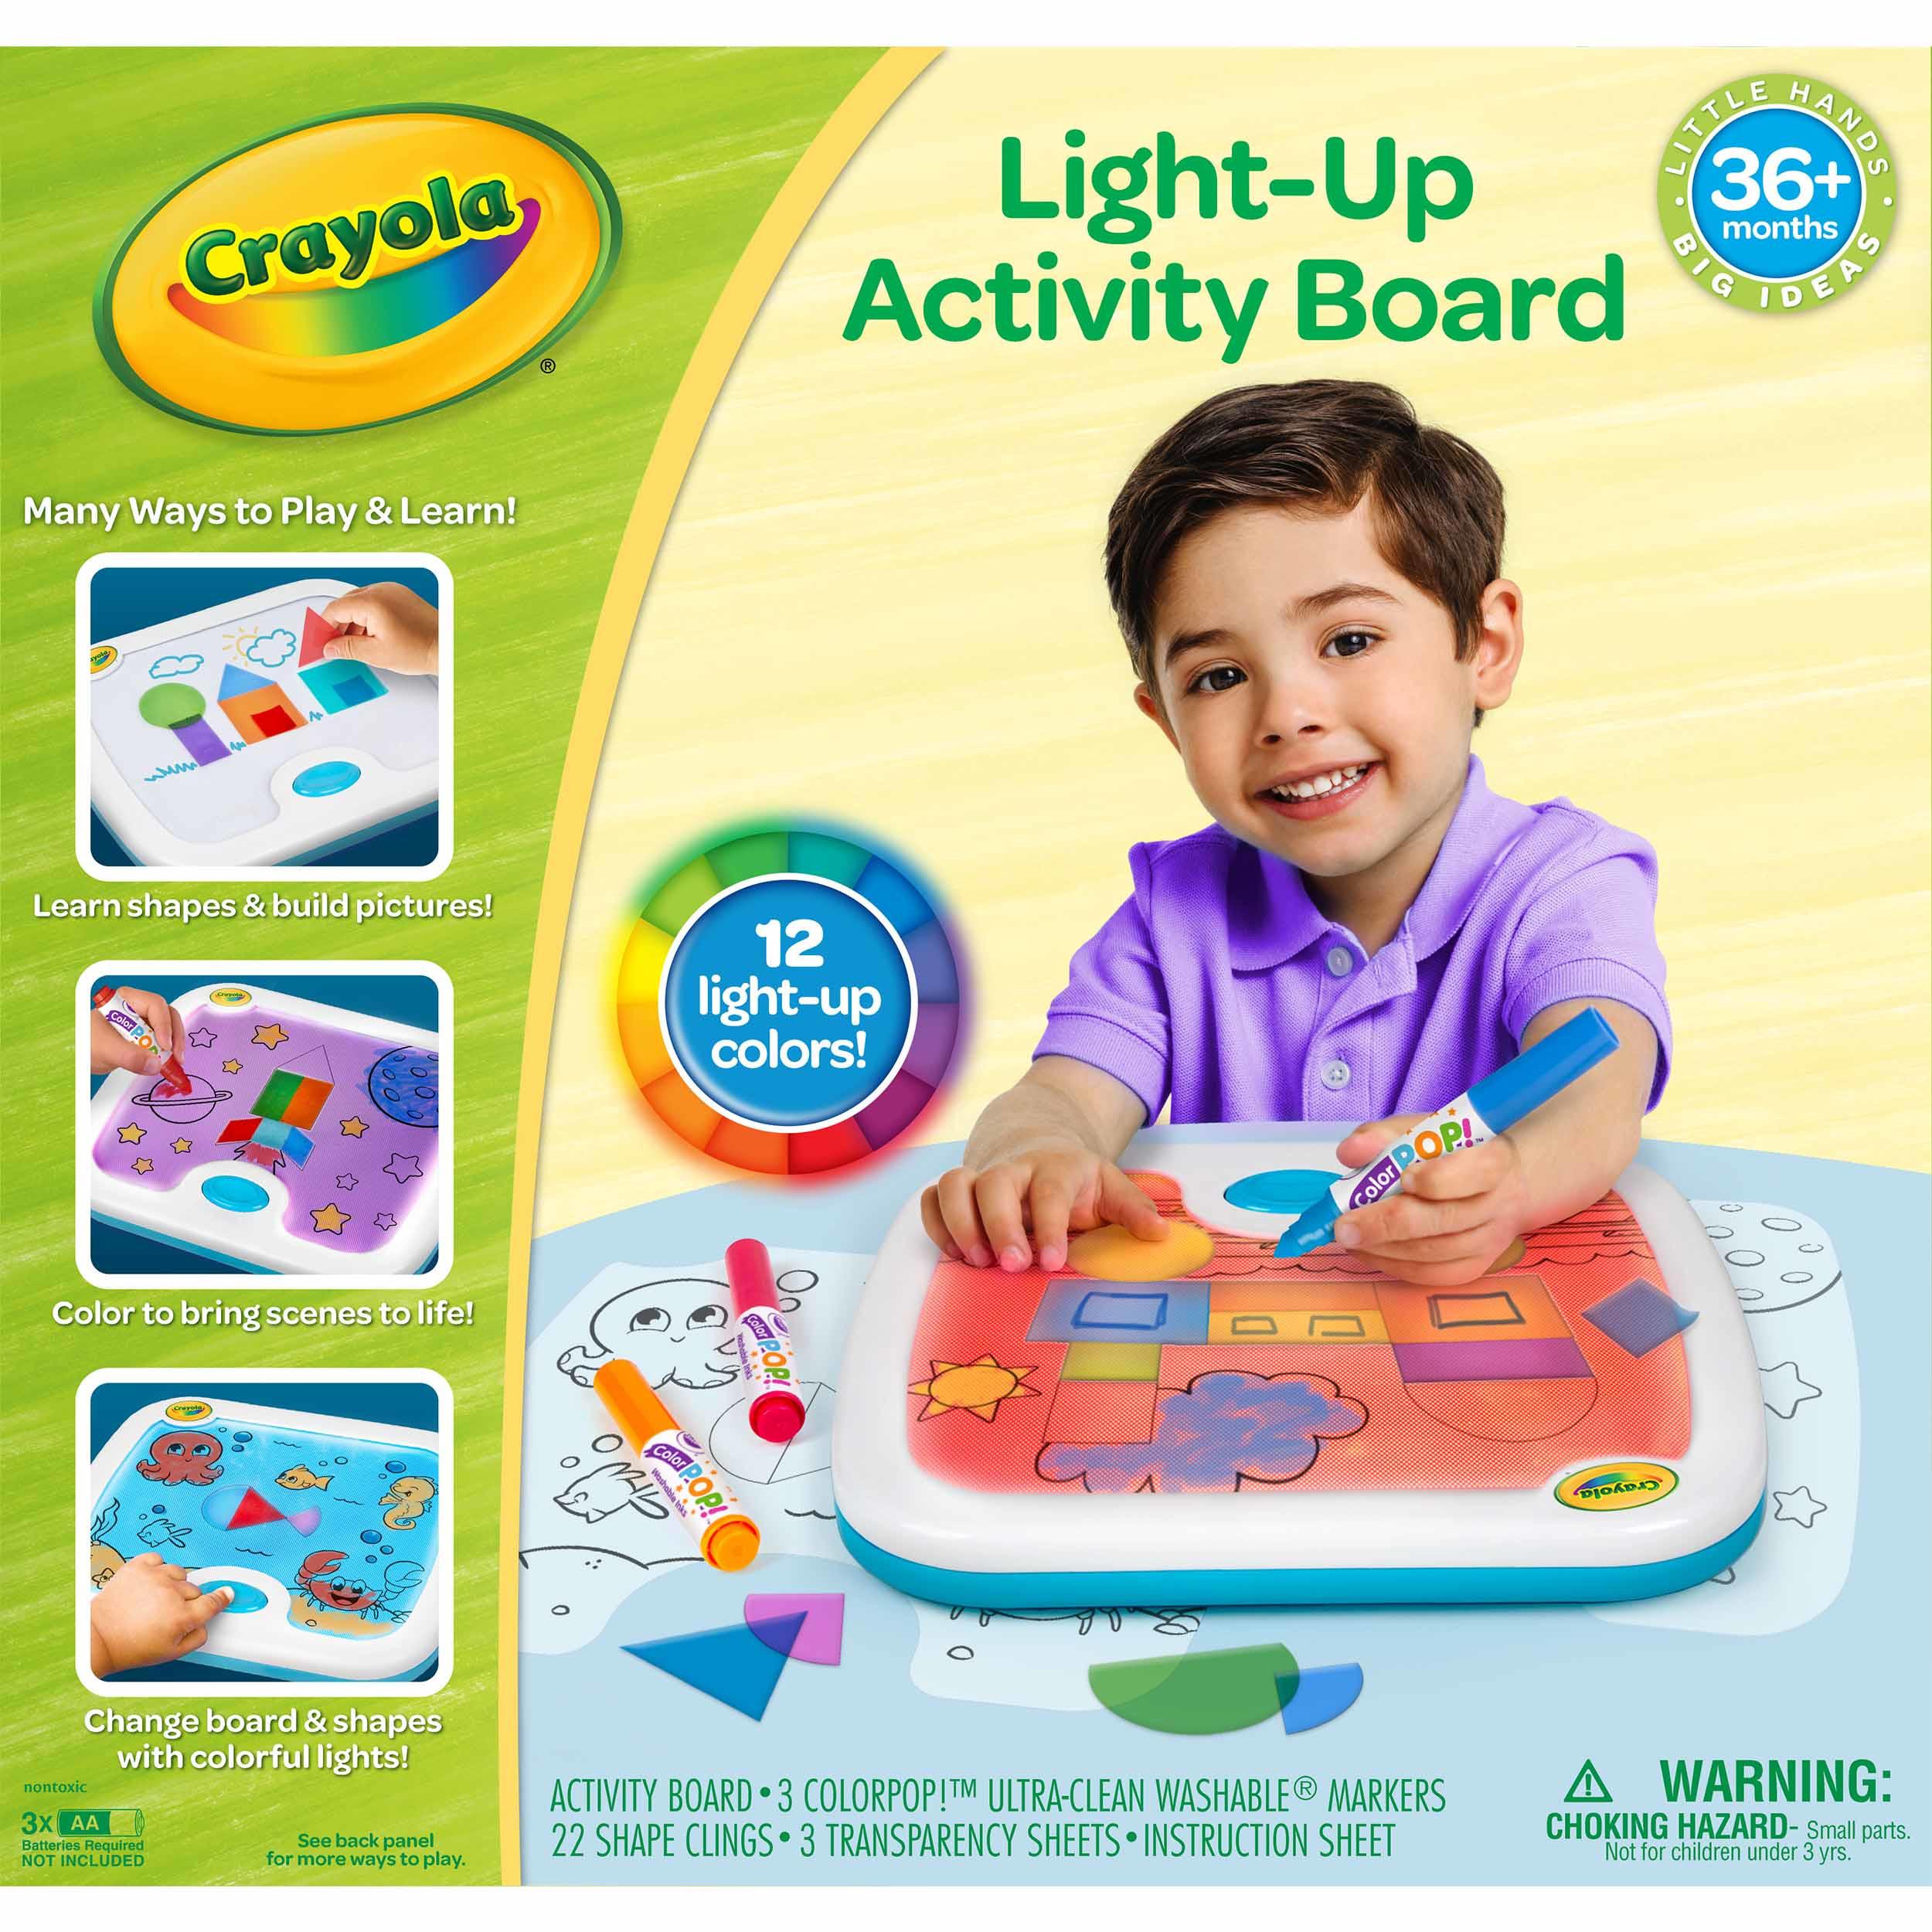 Light-Up Activity Board